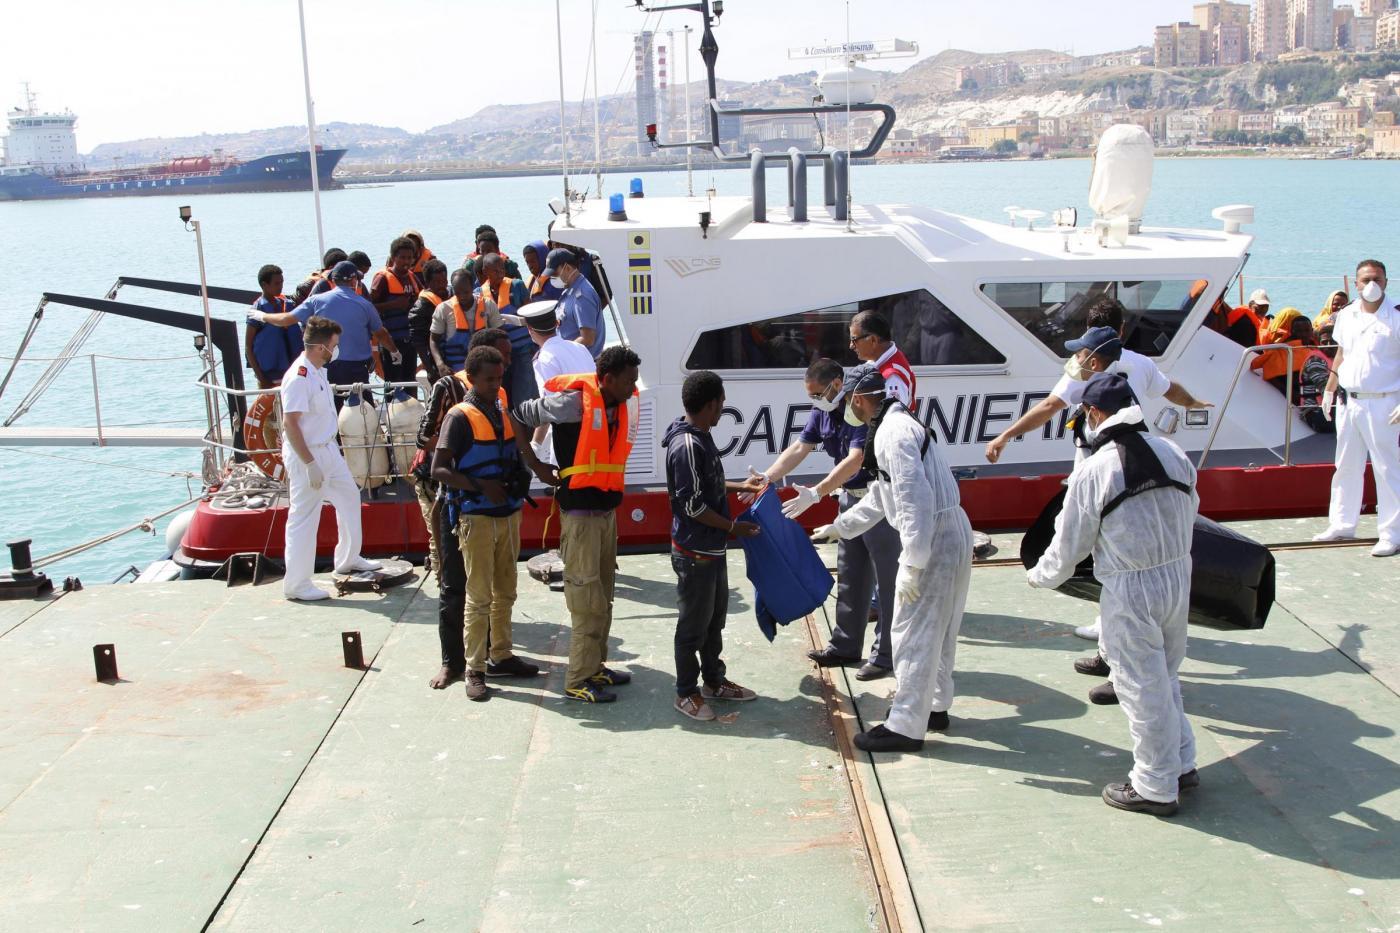 Giornata internazionale del Mar Mediterraneo: in ricordo delle stragi